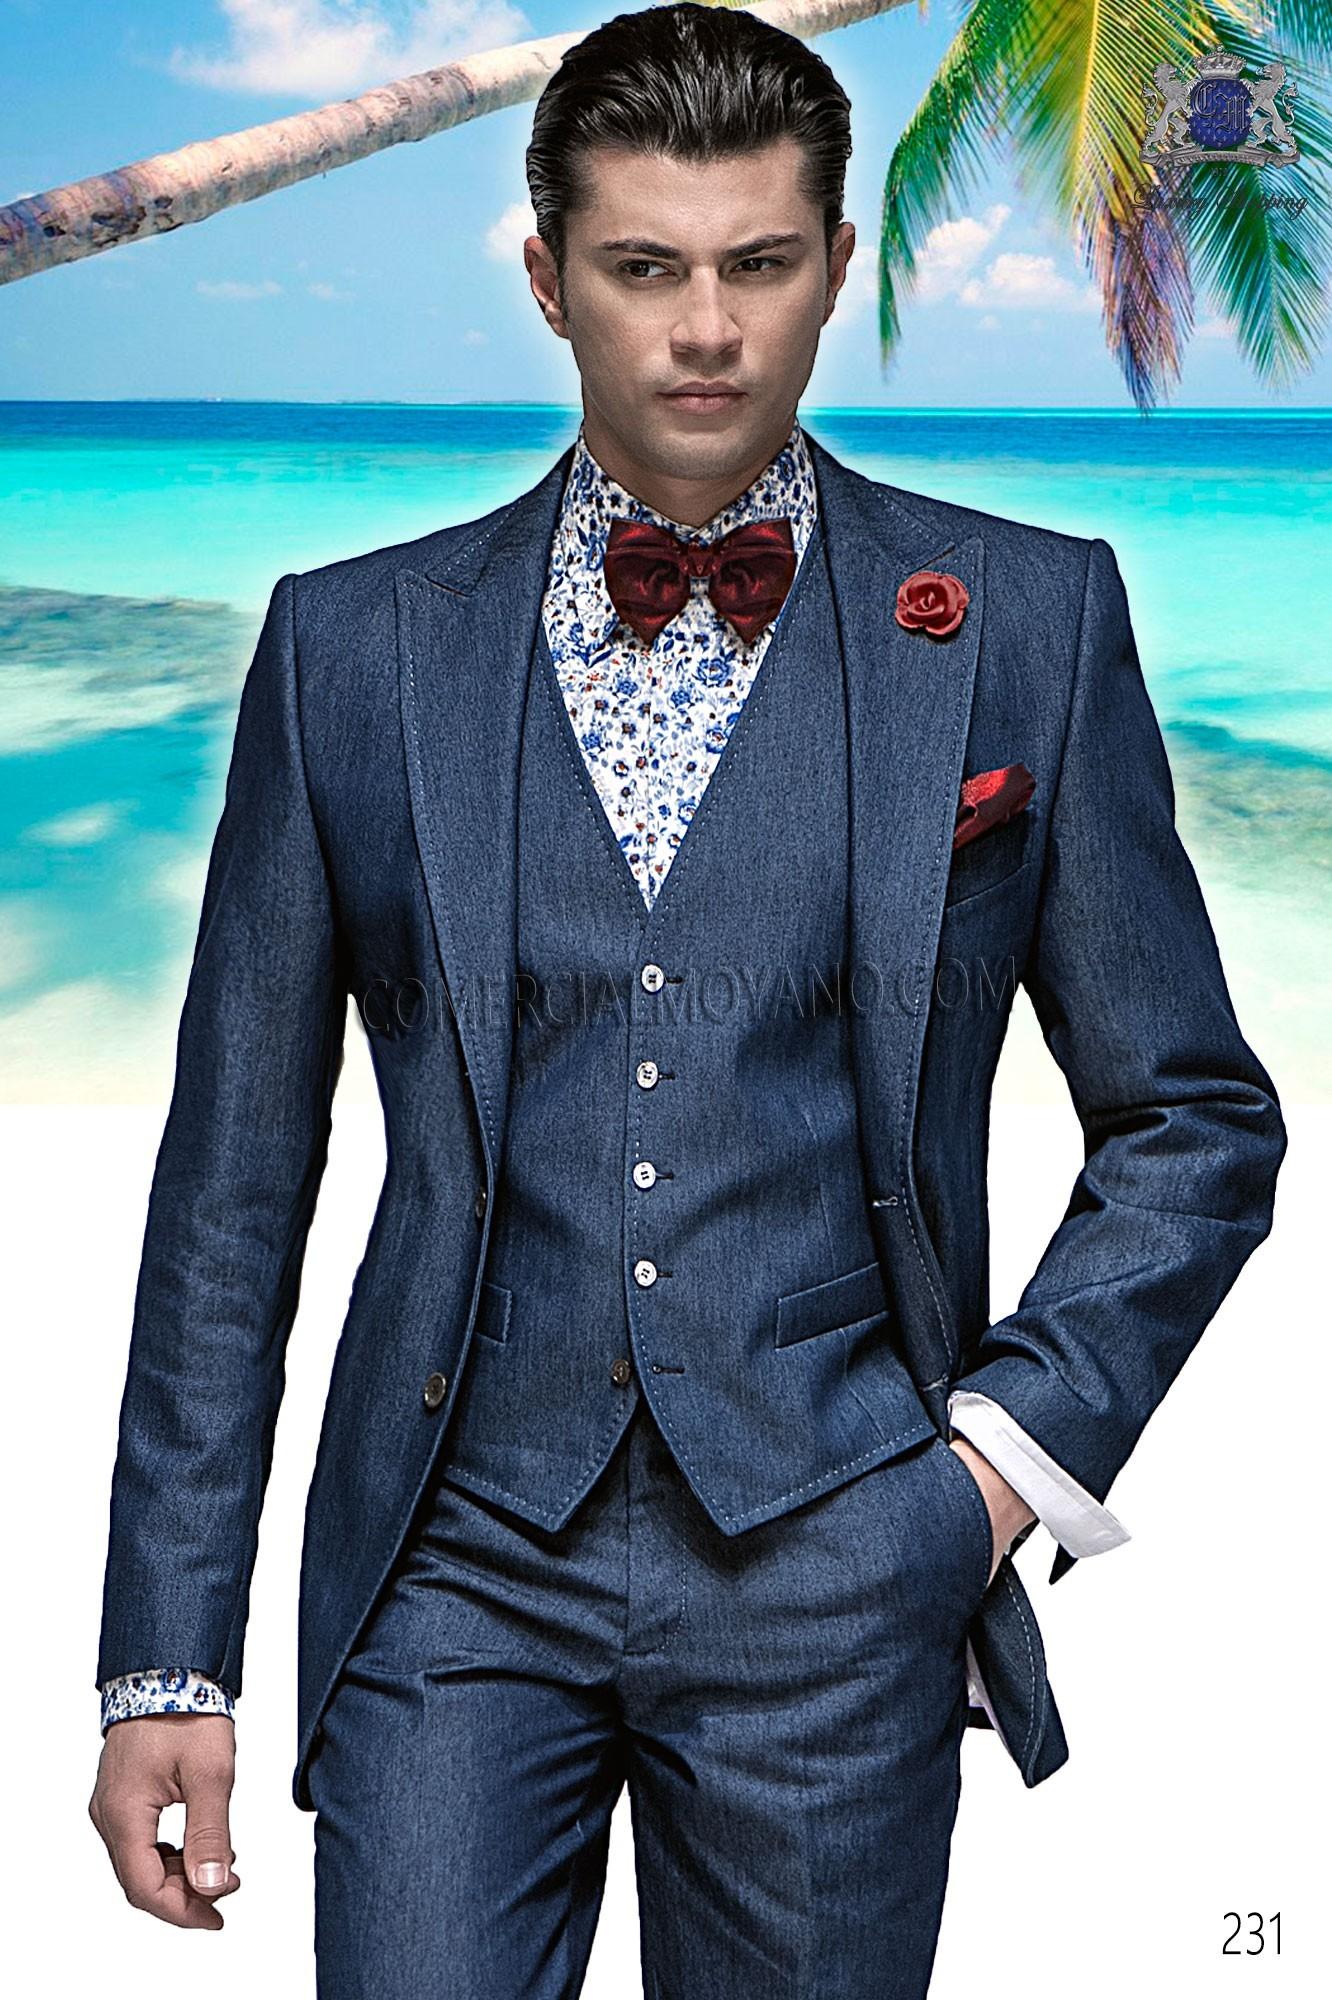 Traje Hipster de novio azul modelo: 231 Ottavio Nuccio Gala colección Hipster